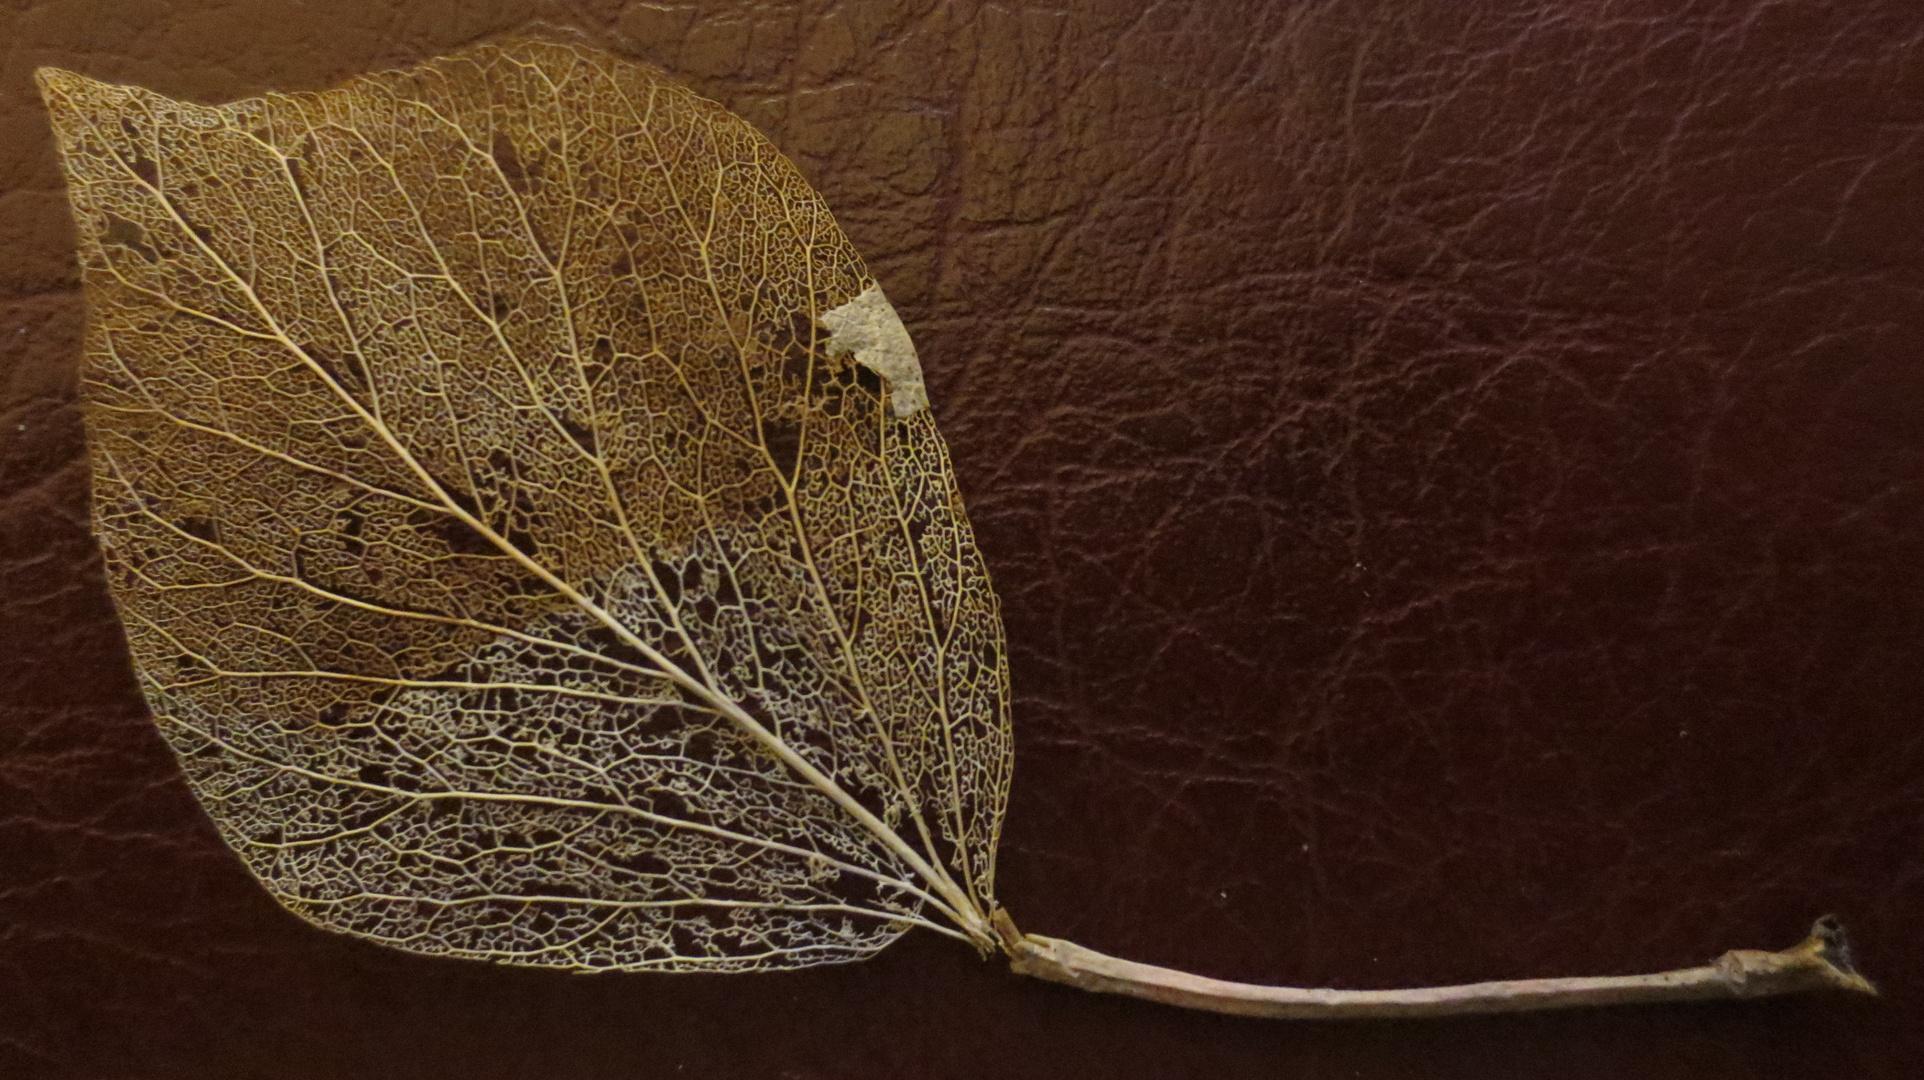 Das Gerüst eines Apfelblattes